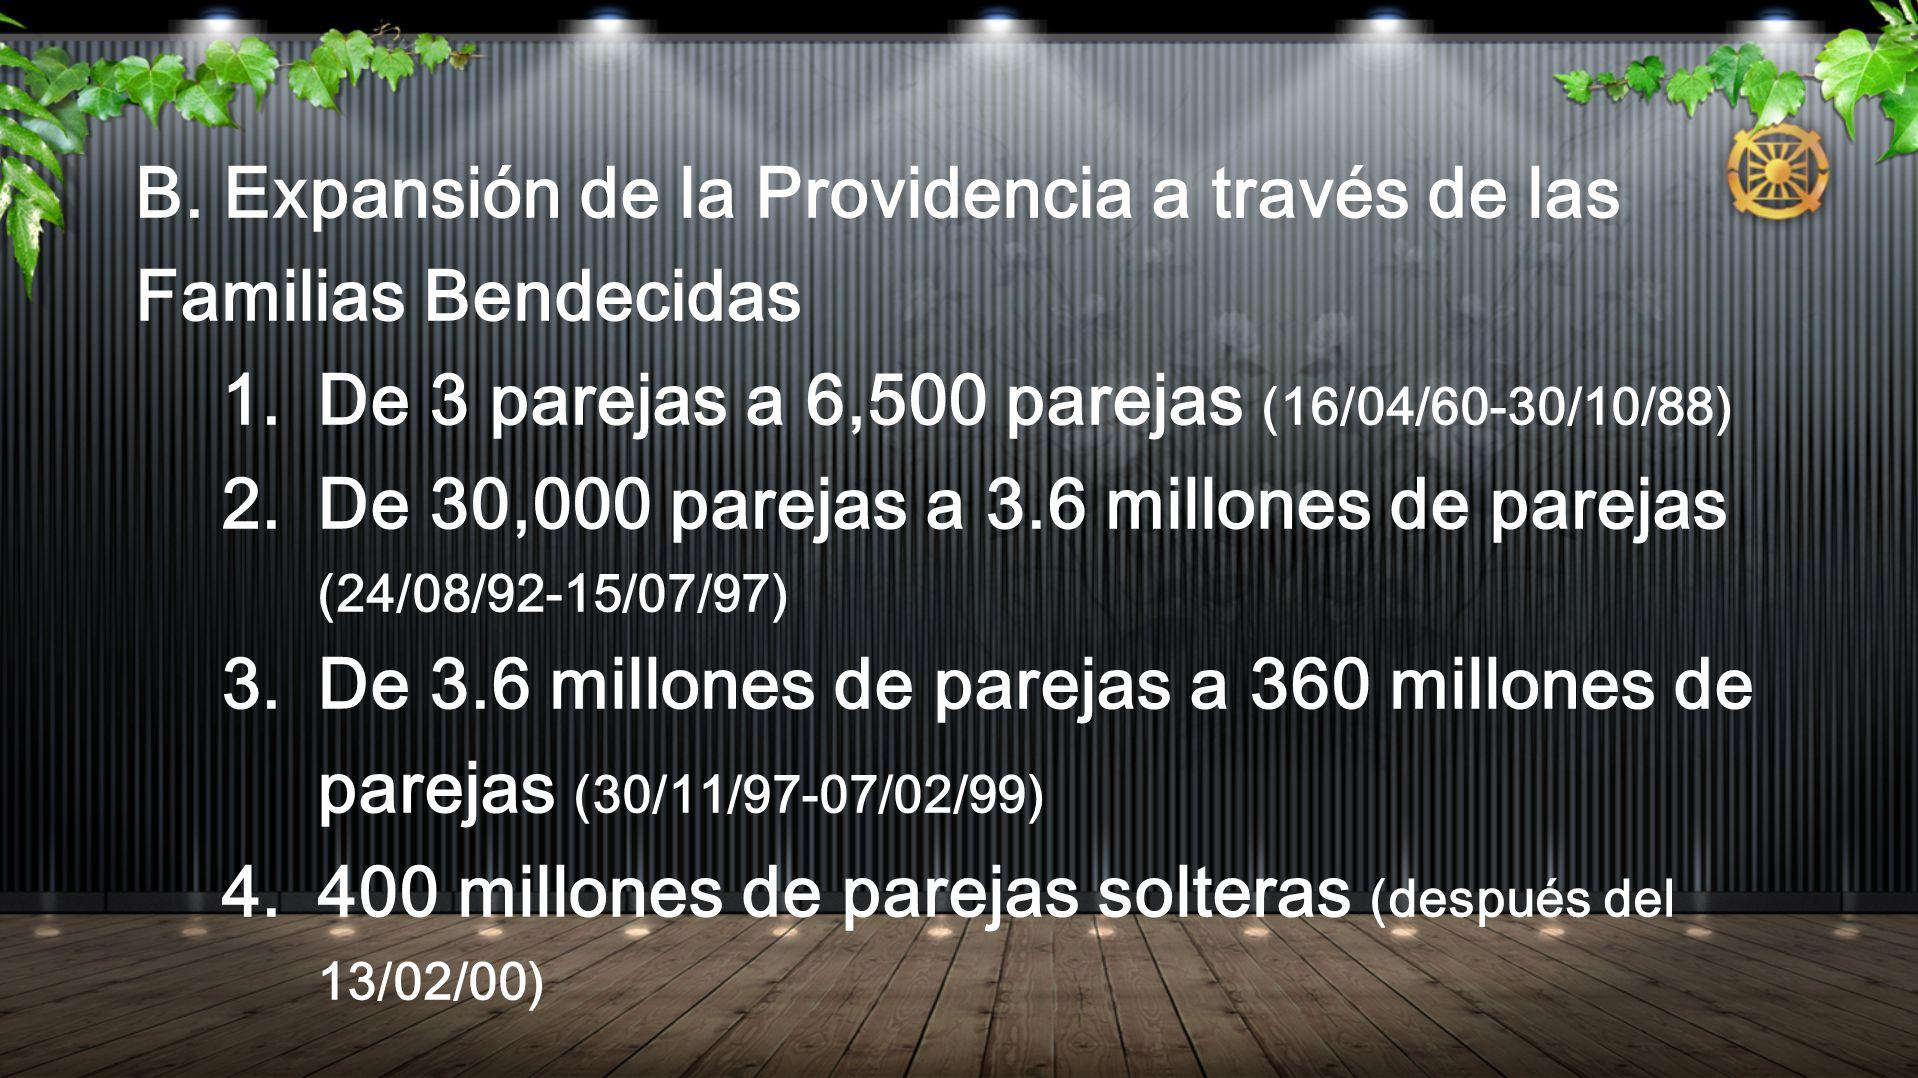 B. Expansión de la Providencia a través de las Familias Bendecidas 1. De 3 parejas a 6,500 parejas (16/04/60-30/10/88) 2. De 30,000 parejas a 3.6 mill